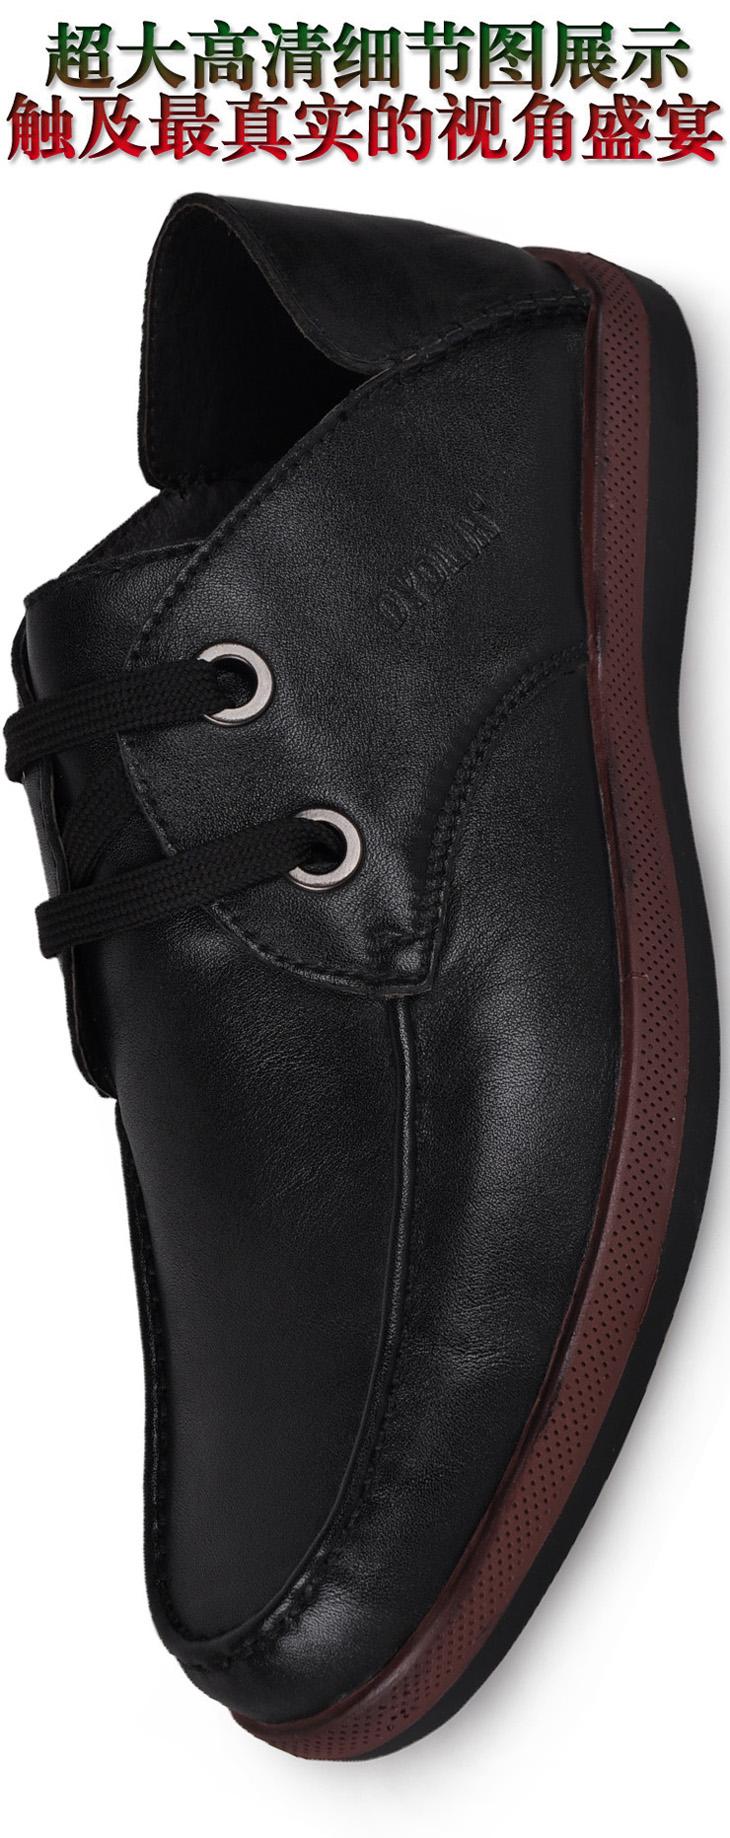 韩版时尚商务皮鞋